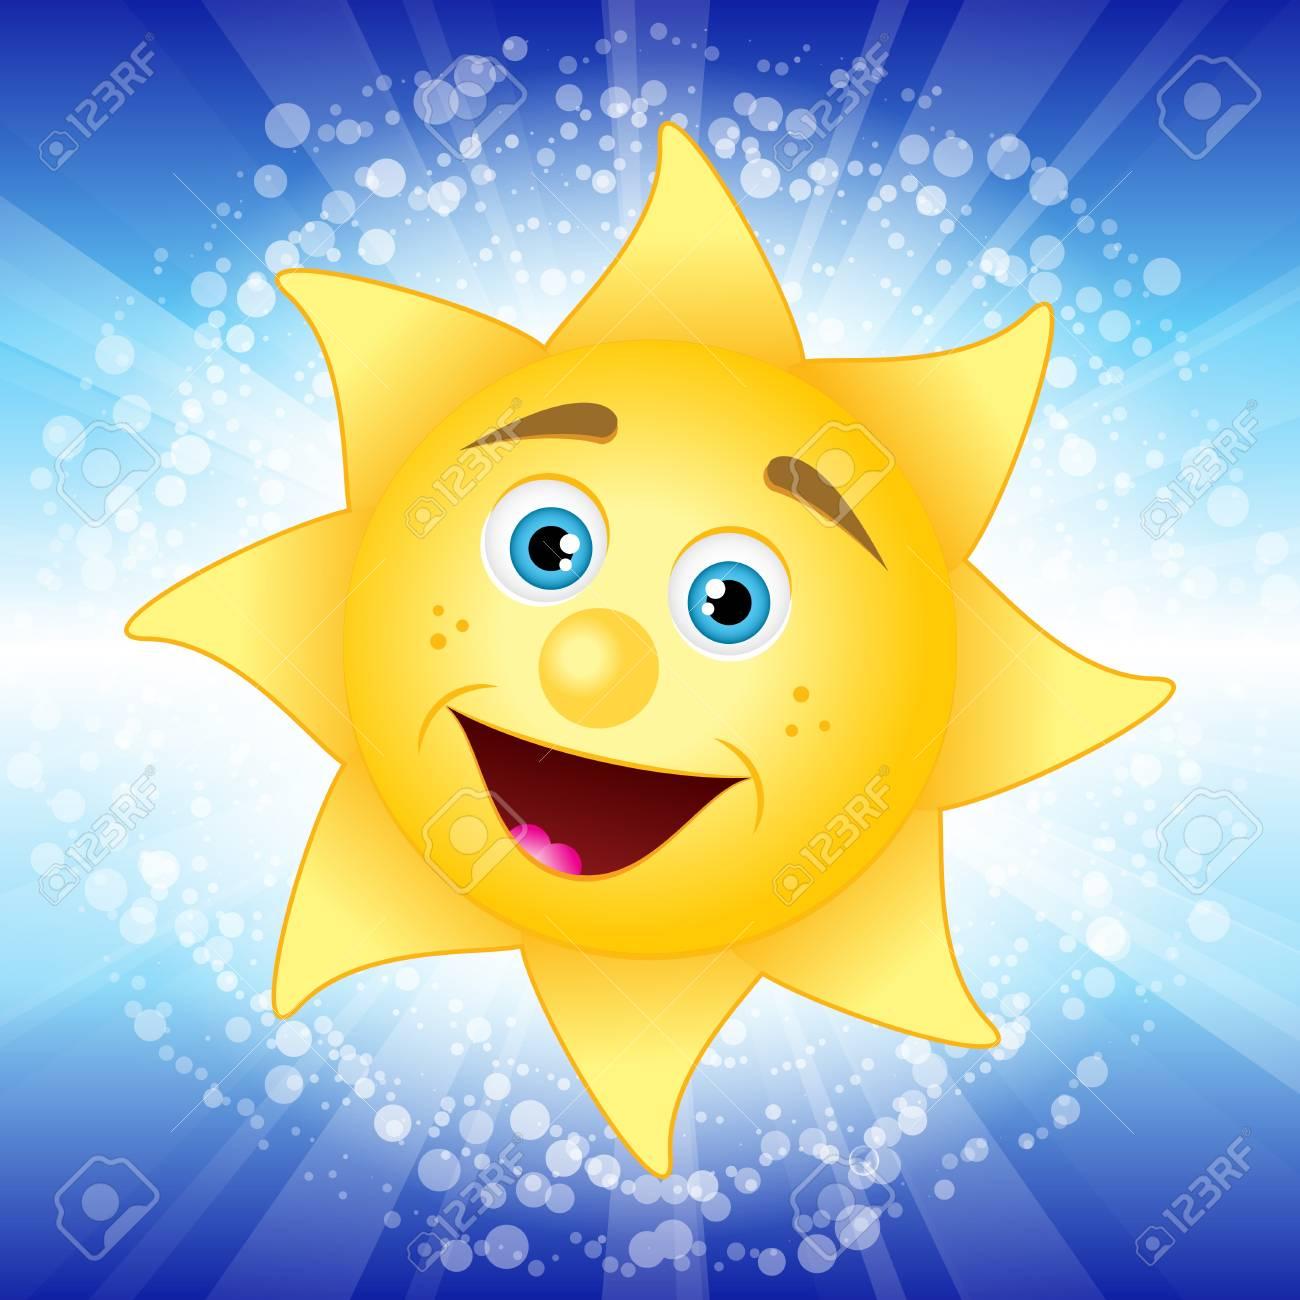 illustration of sun Stock Vector - 13834820